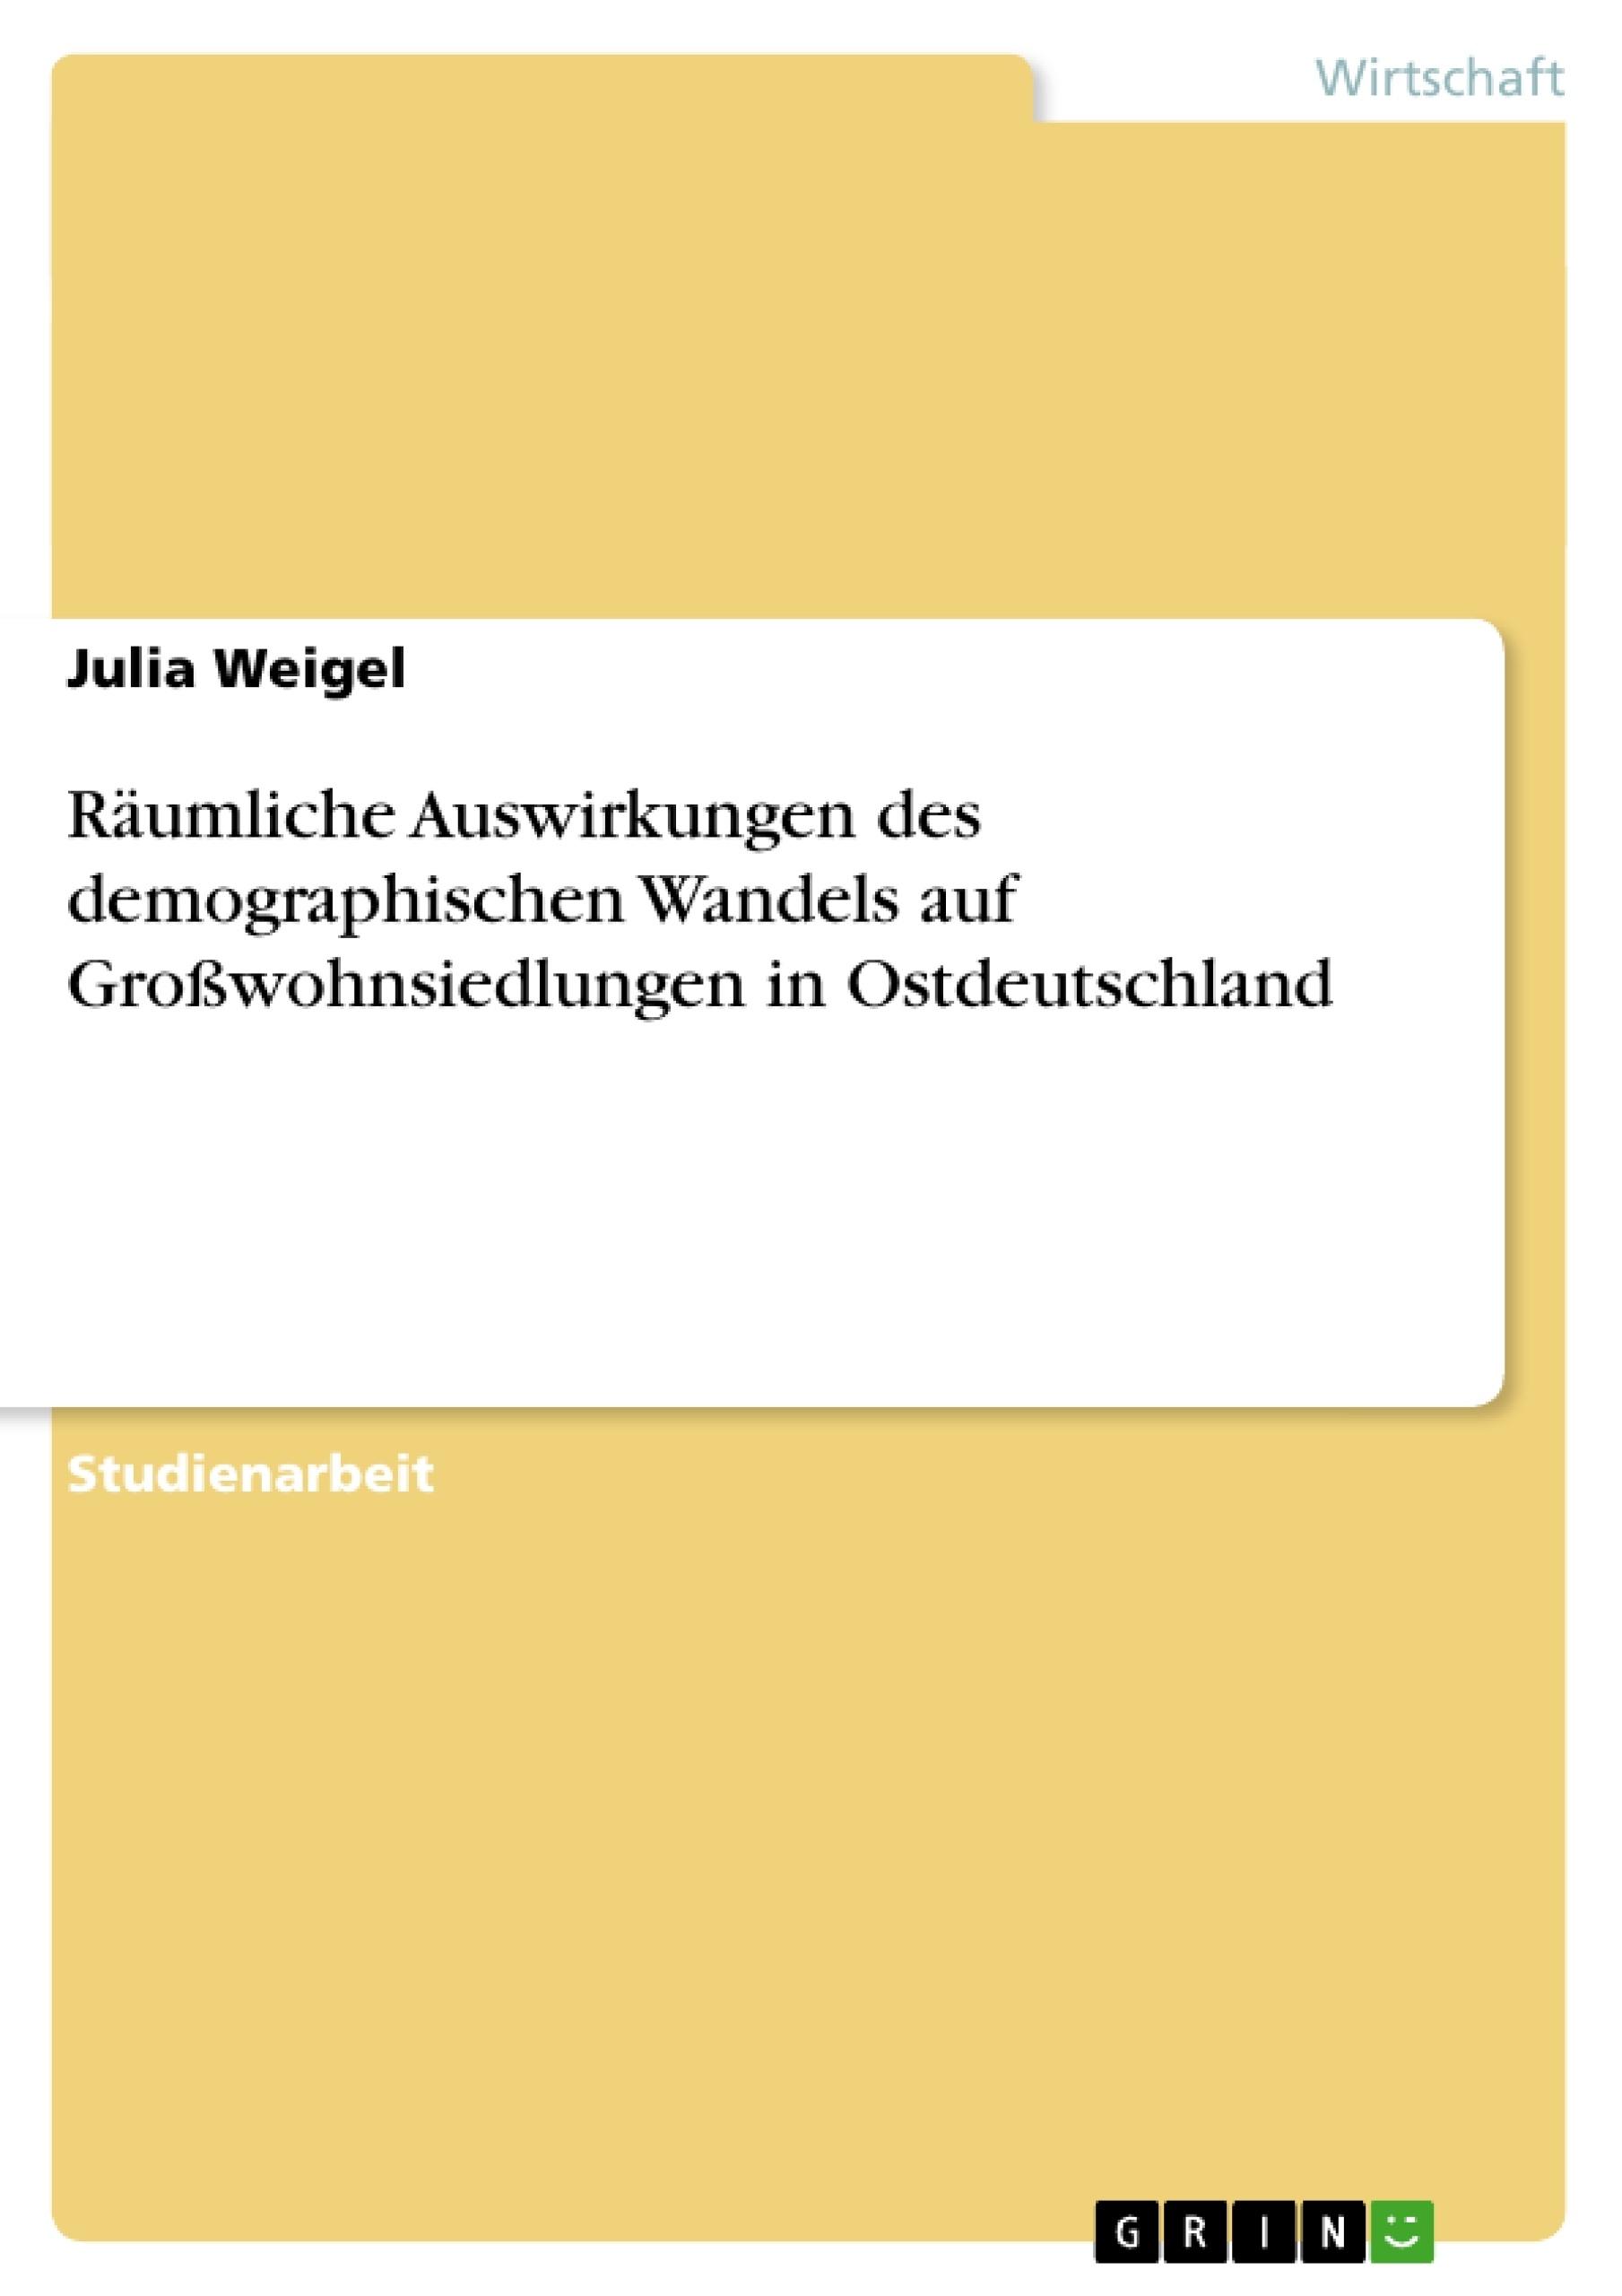 Titel: Räumliche Auswirkungen des demographischen Wandels auf Großwohnsiedlungen in Ostdeutschland